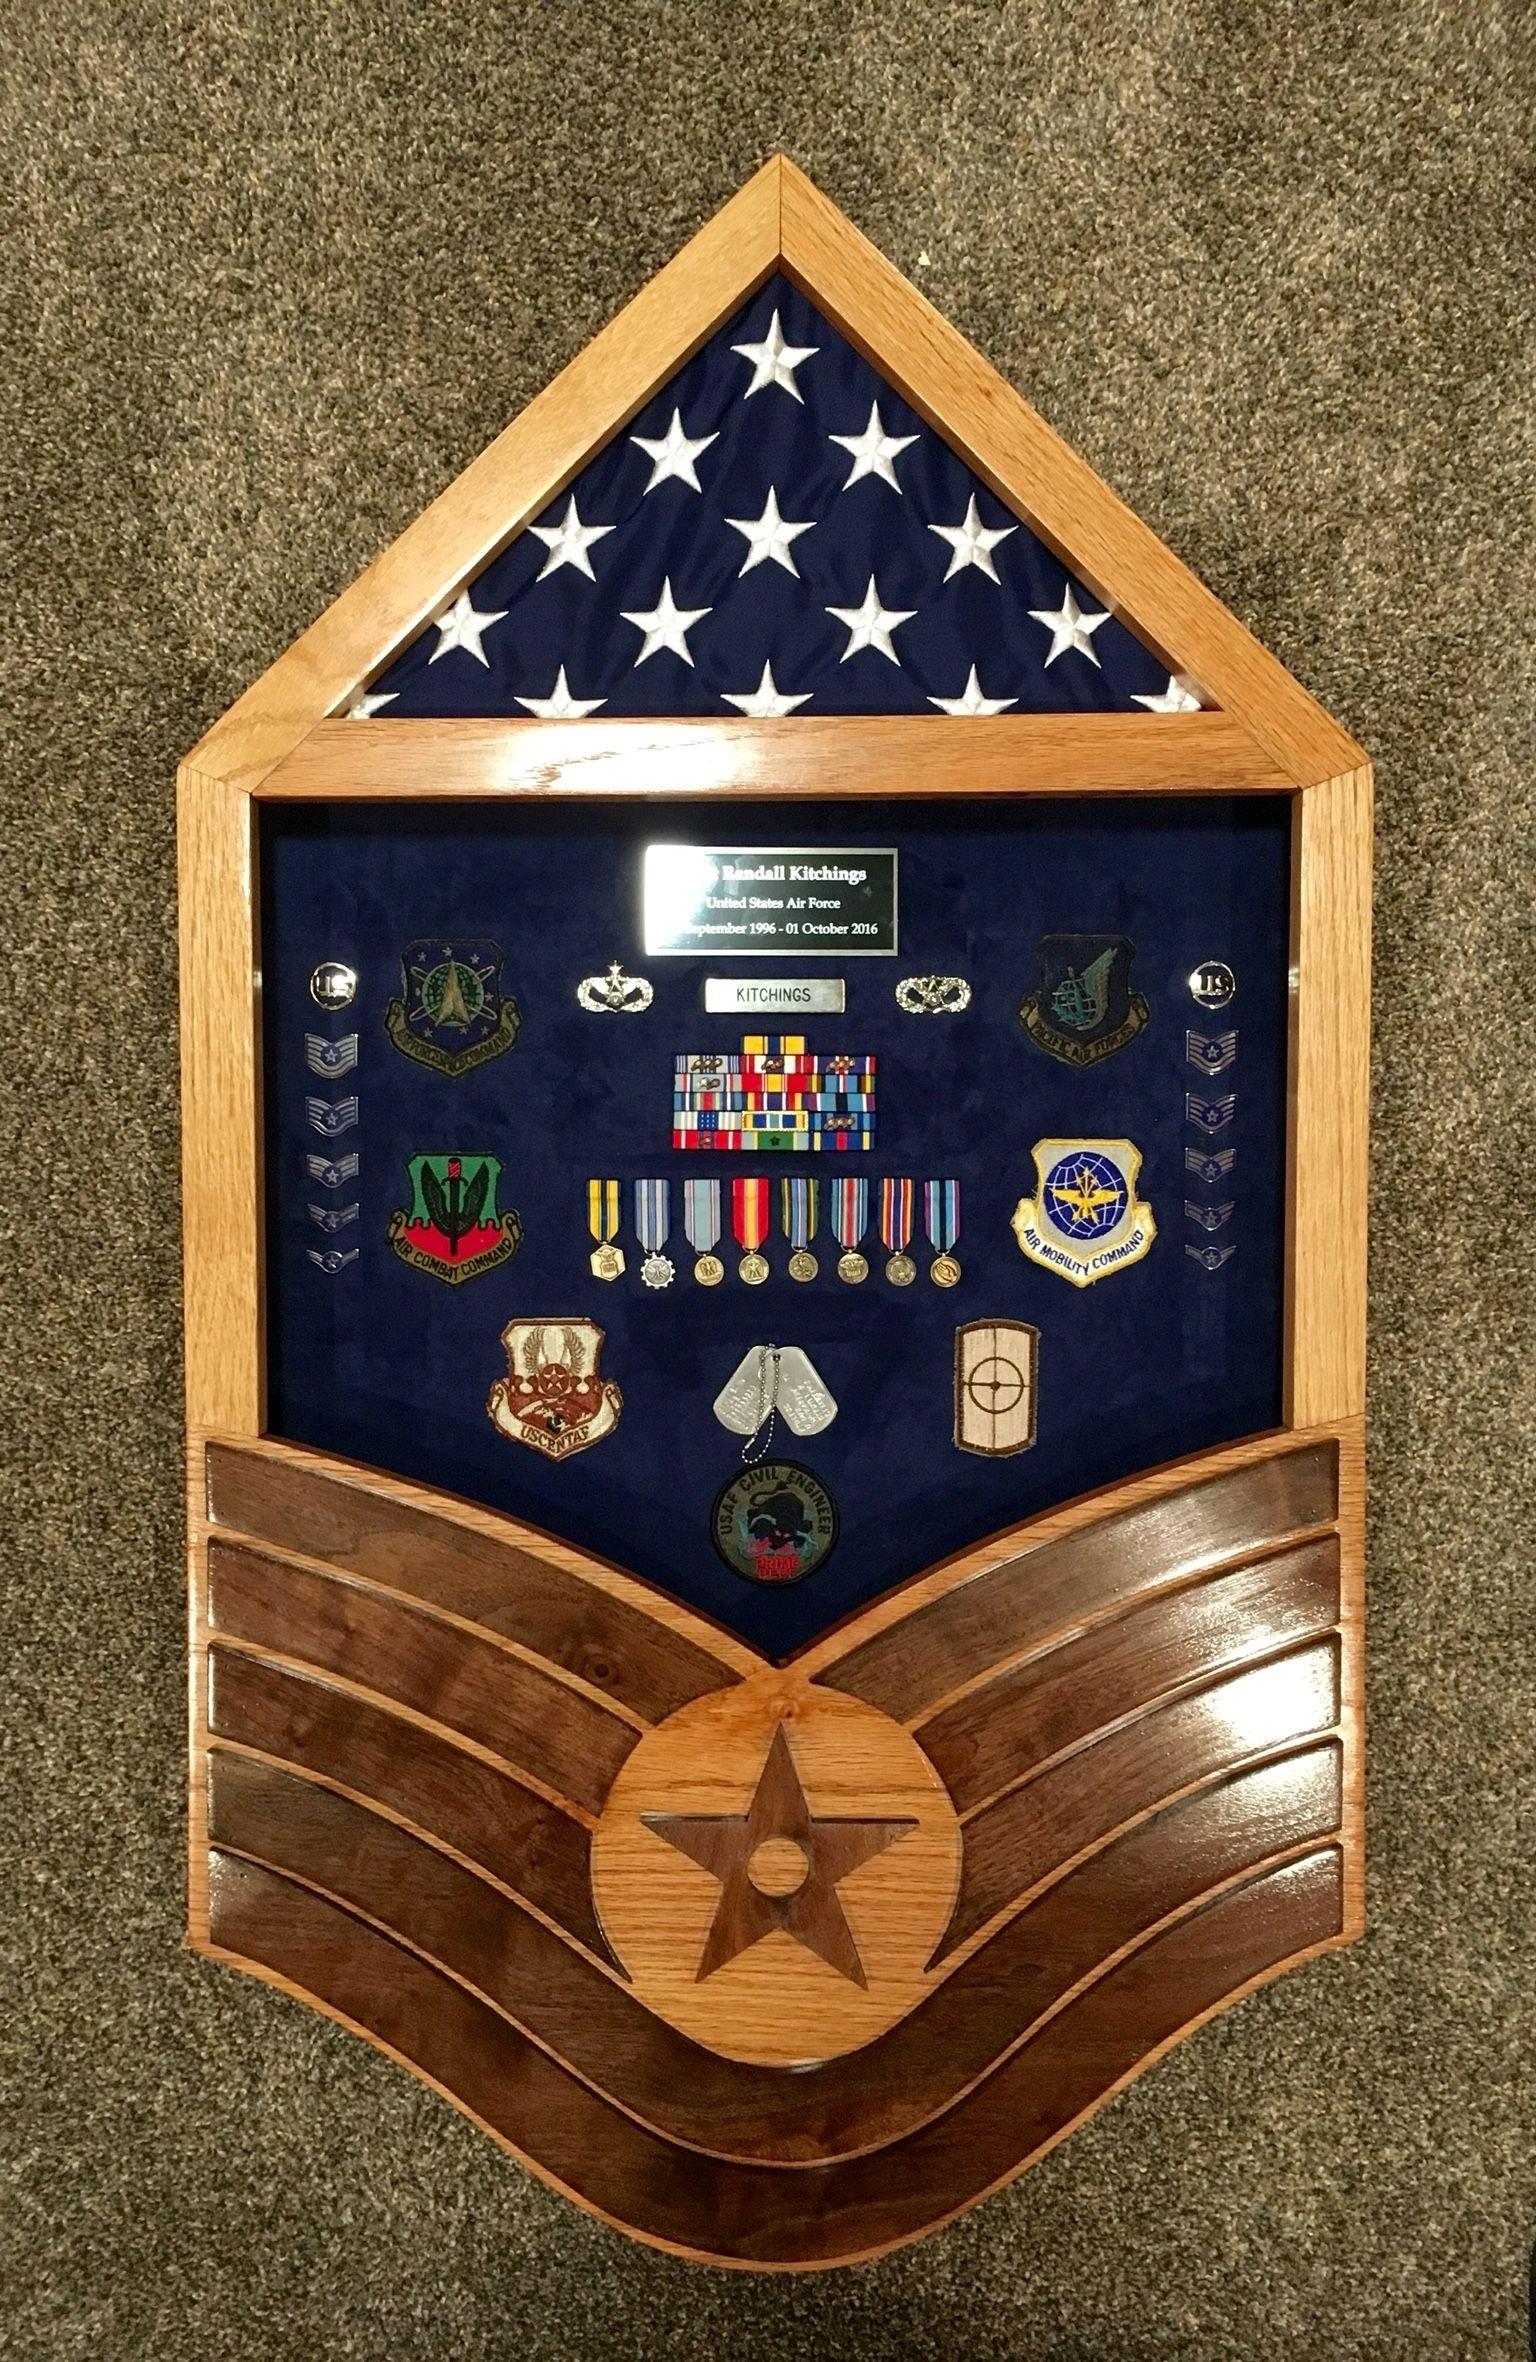 custom solid oak and walnut air force tsgt stripe shadow box. $275